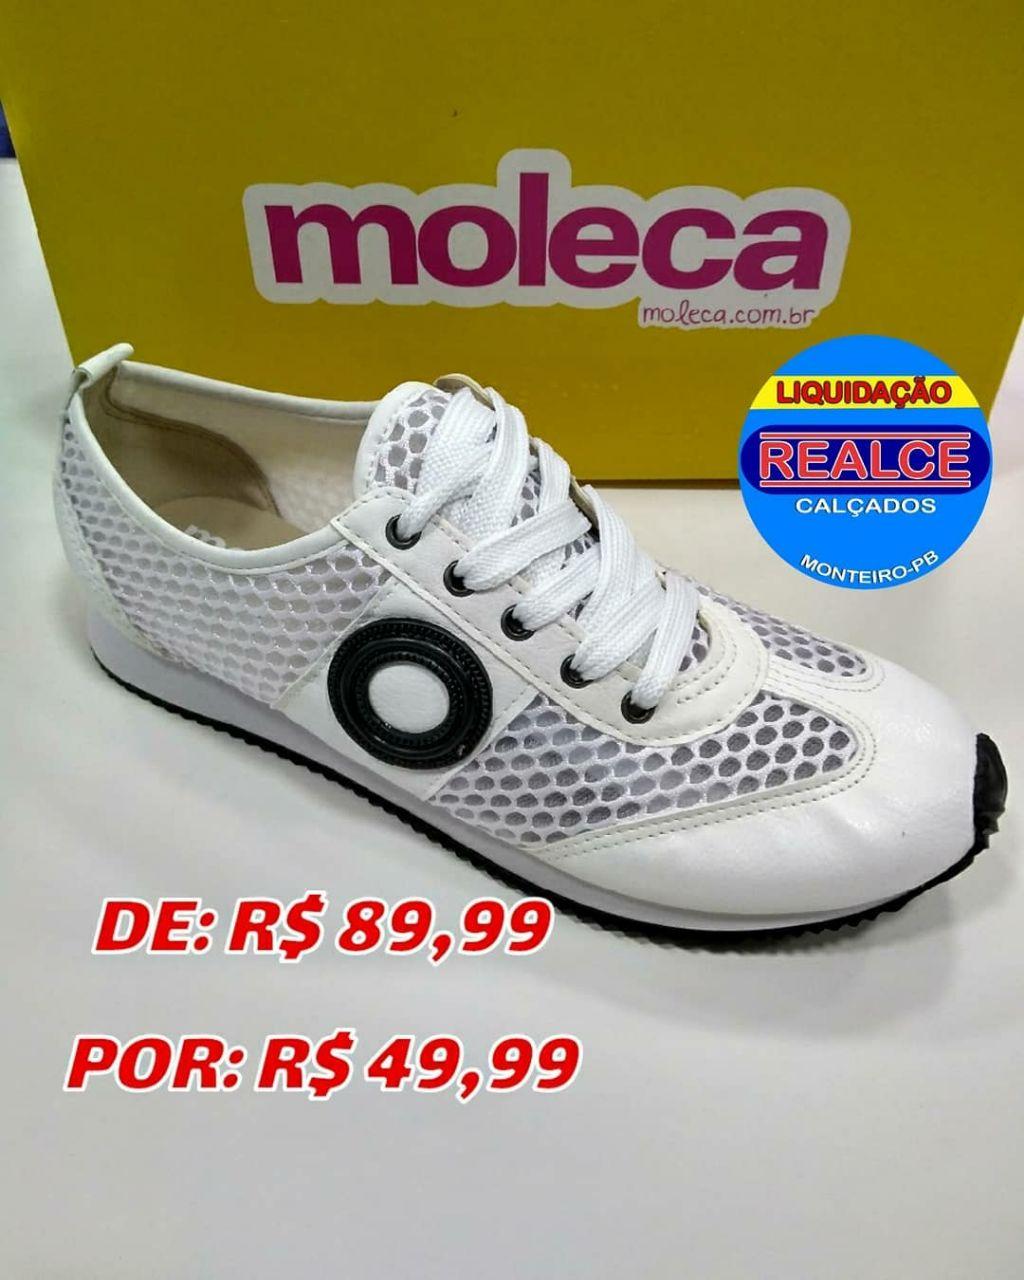 IMG-20180725-WA0208-819x1024 O melhor preço, o maior prazo e as melhores ofertas da região no setor da moda só a realce calçados de Monteiro tem.